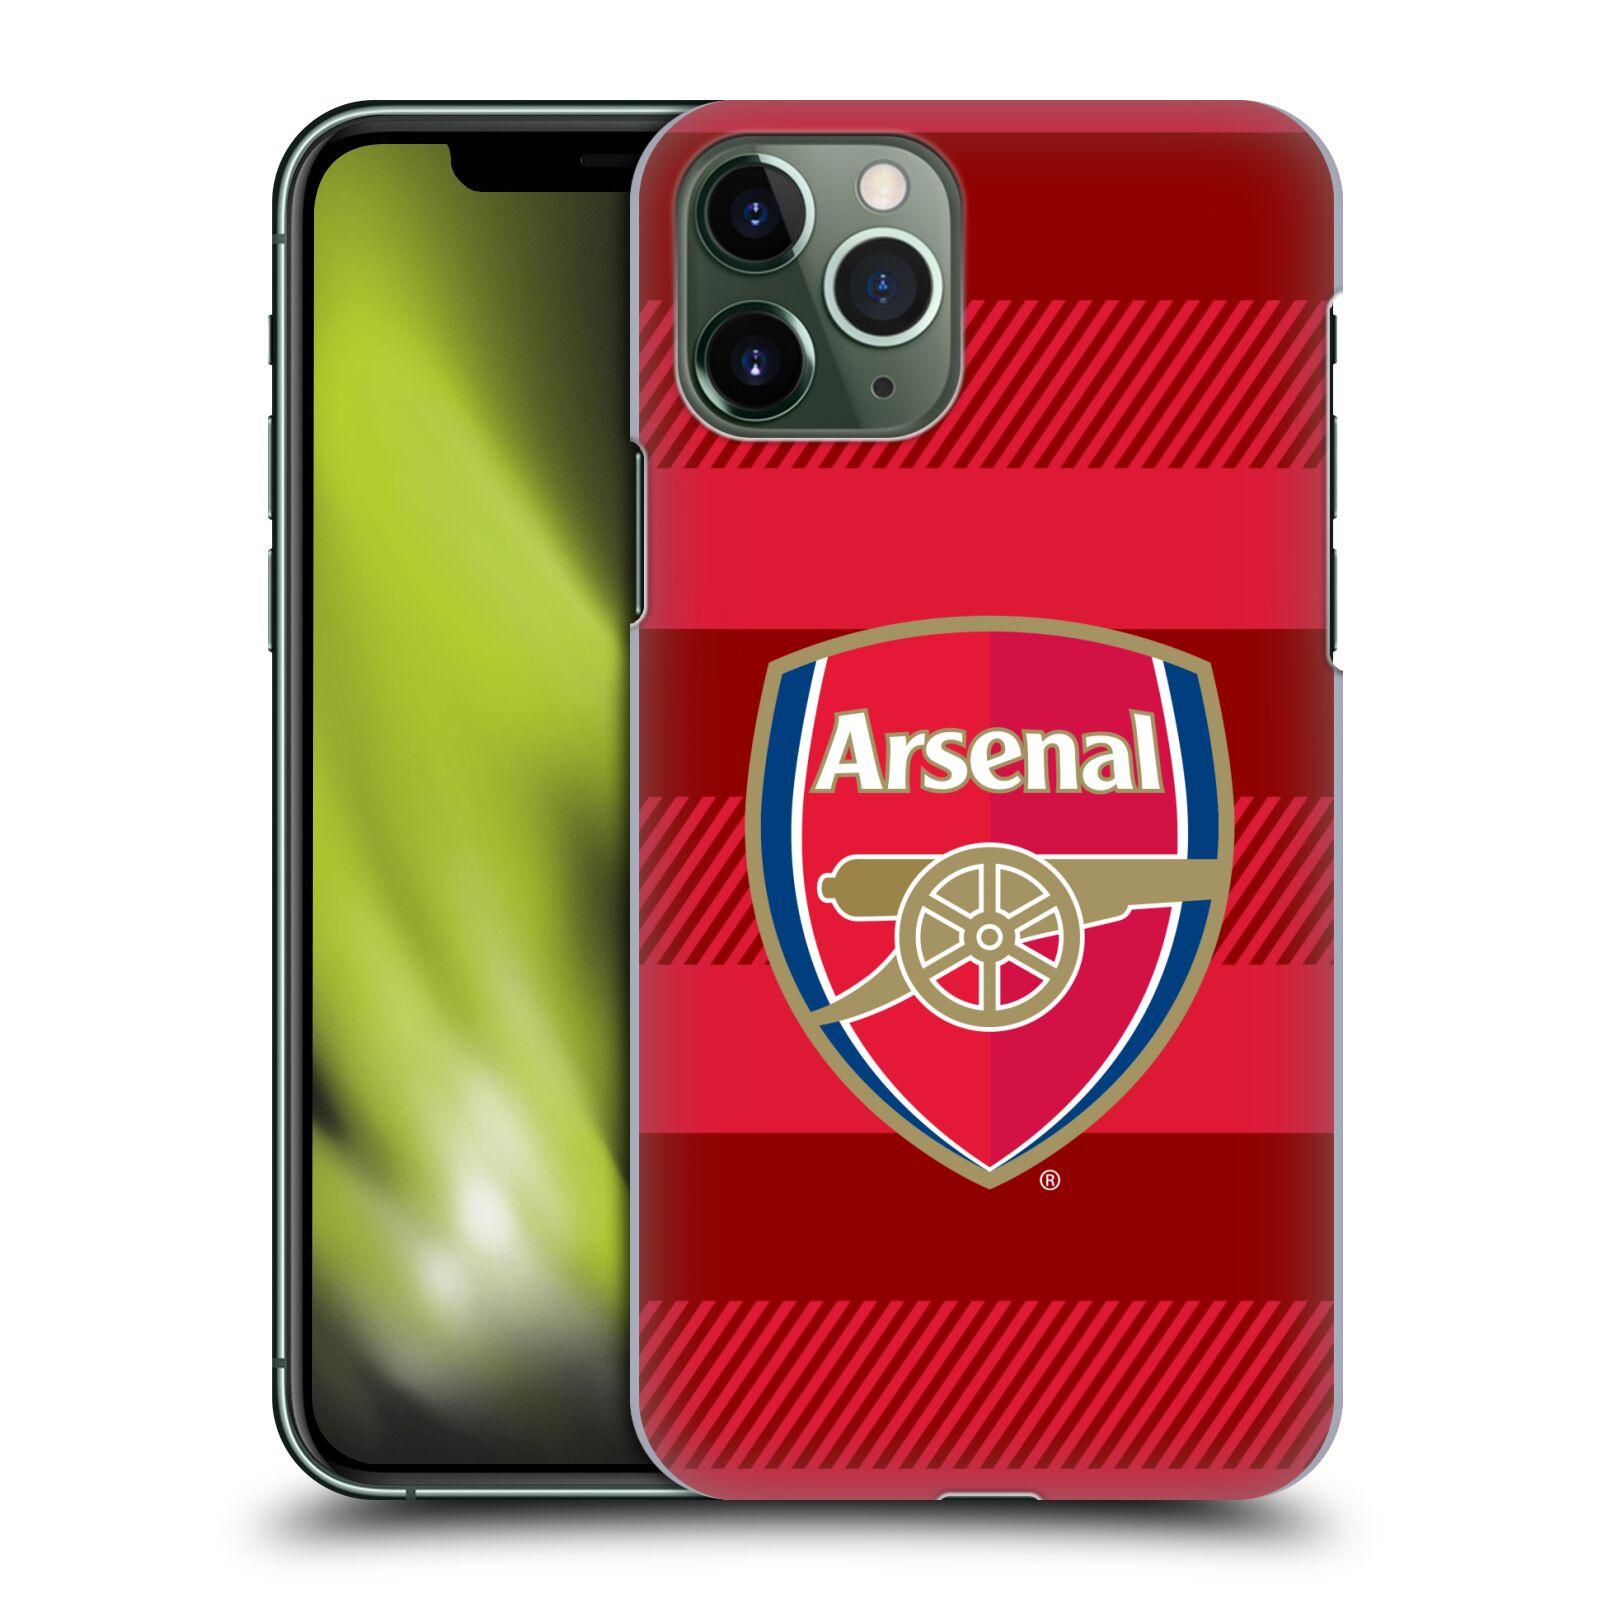 Plastové pouzdro na mobil Apple iPhone 11 Pro - Head Case - Arsenal FC - Logo s pruhy